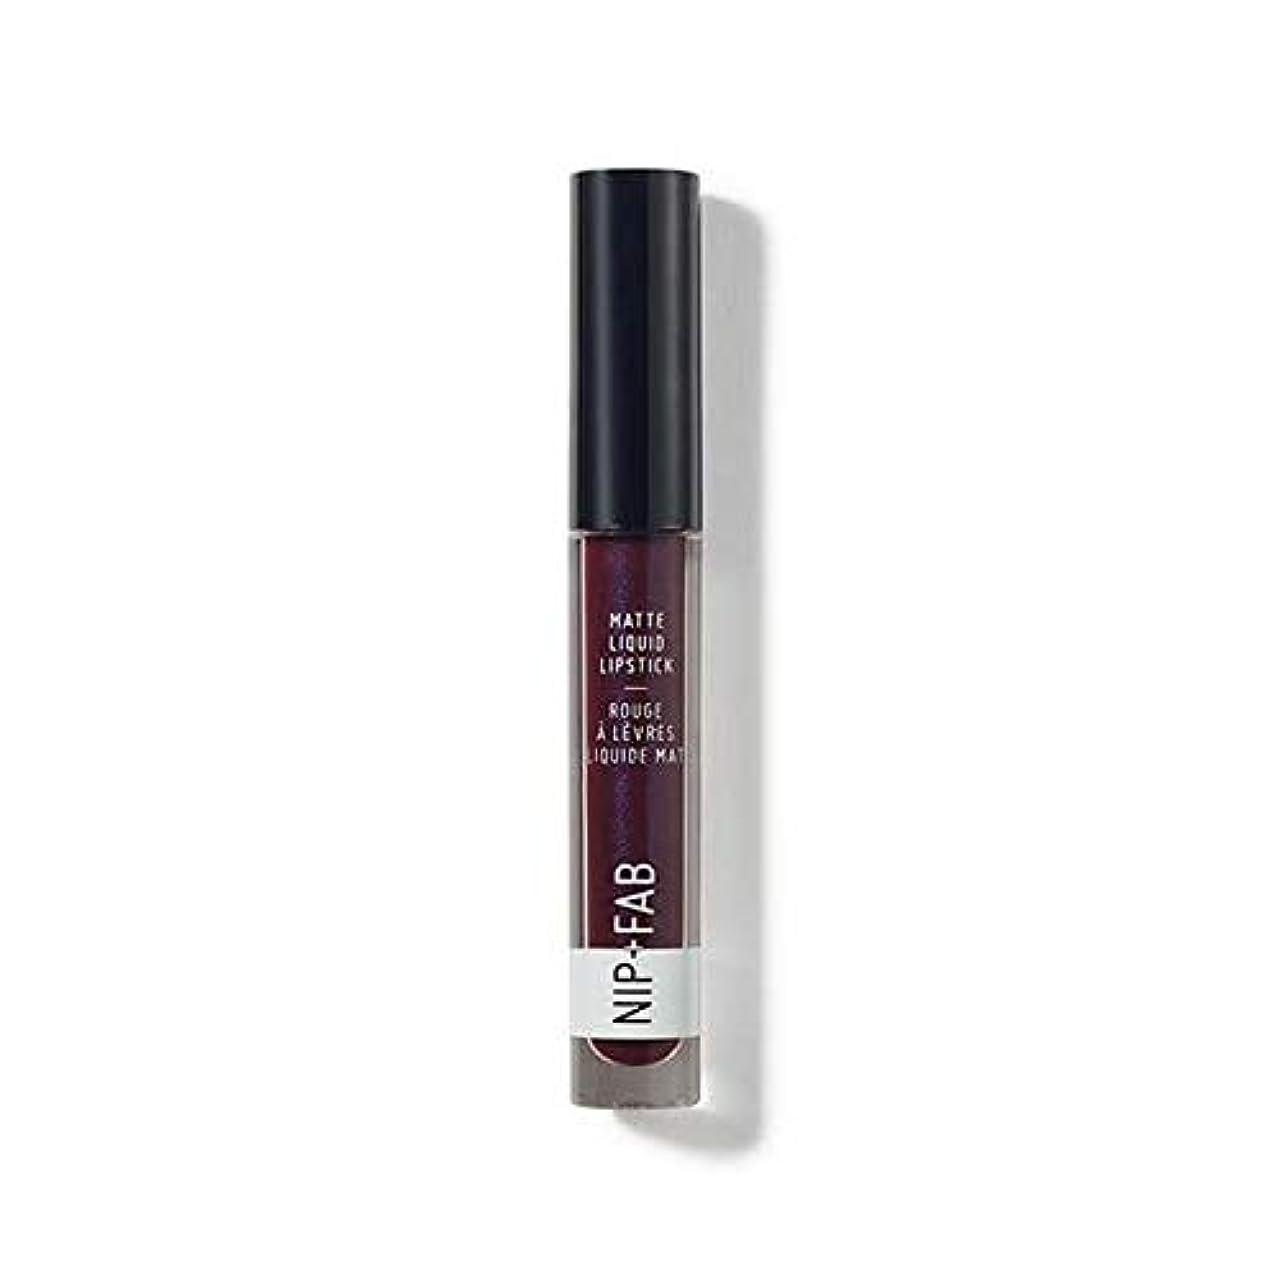 話億感度[Nip & Fab ] + Fabマット液体口紅ブラックグレープ55ニップ - Nip+Fab Matte Liquid Lipstick Black Grape 55 [並行輸入品]